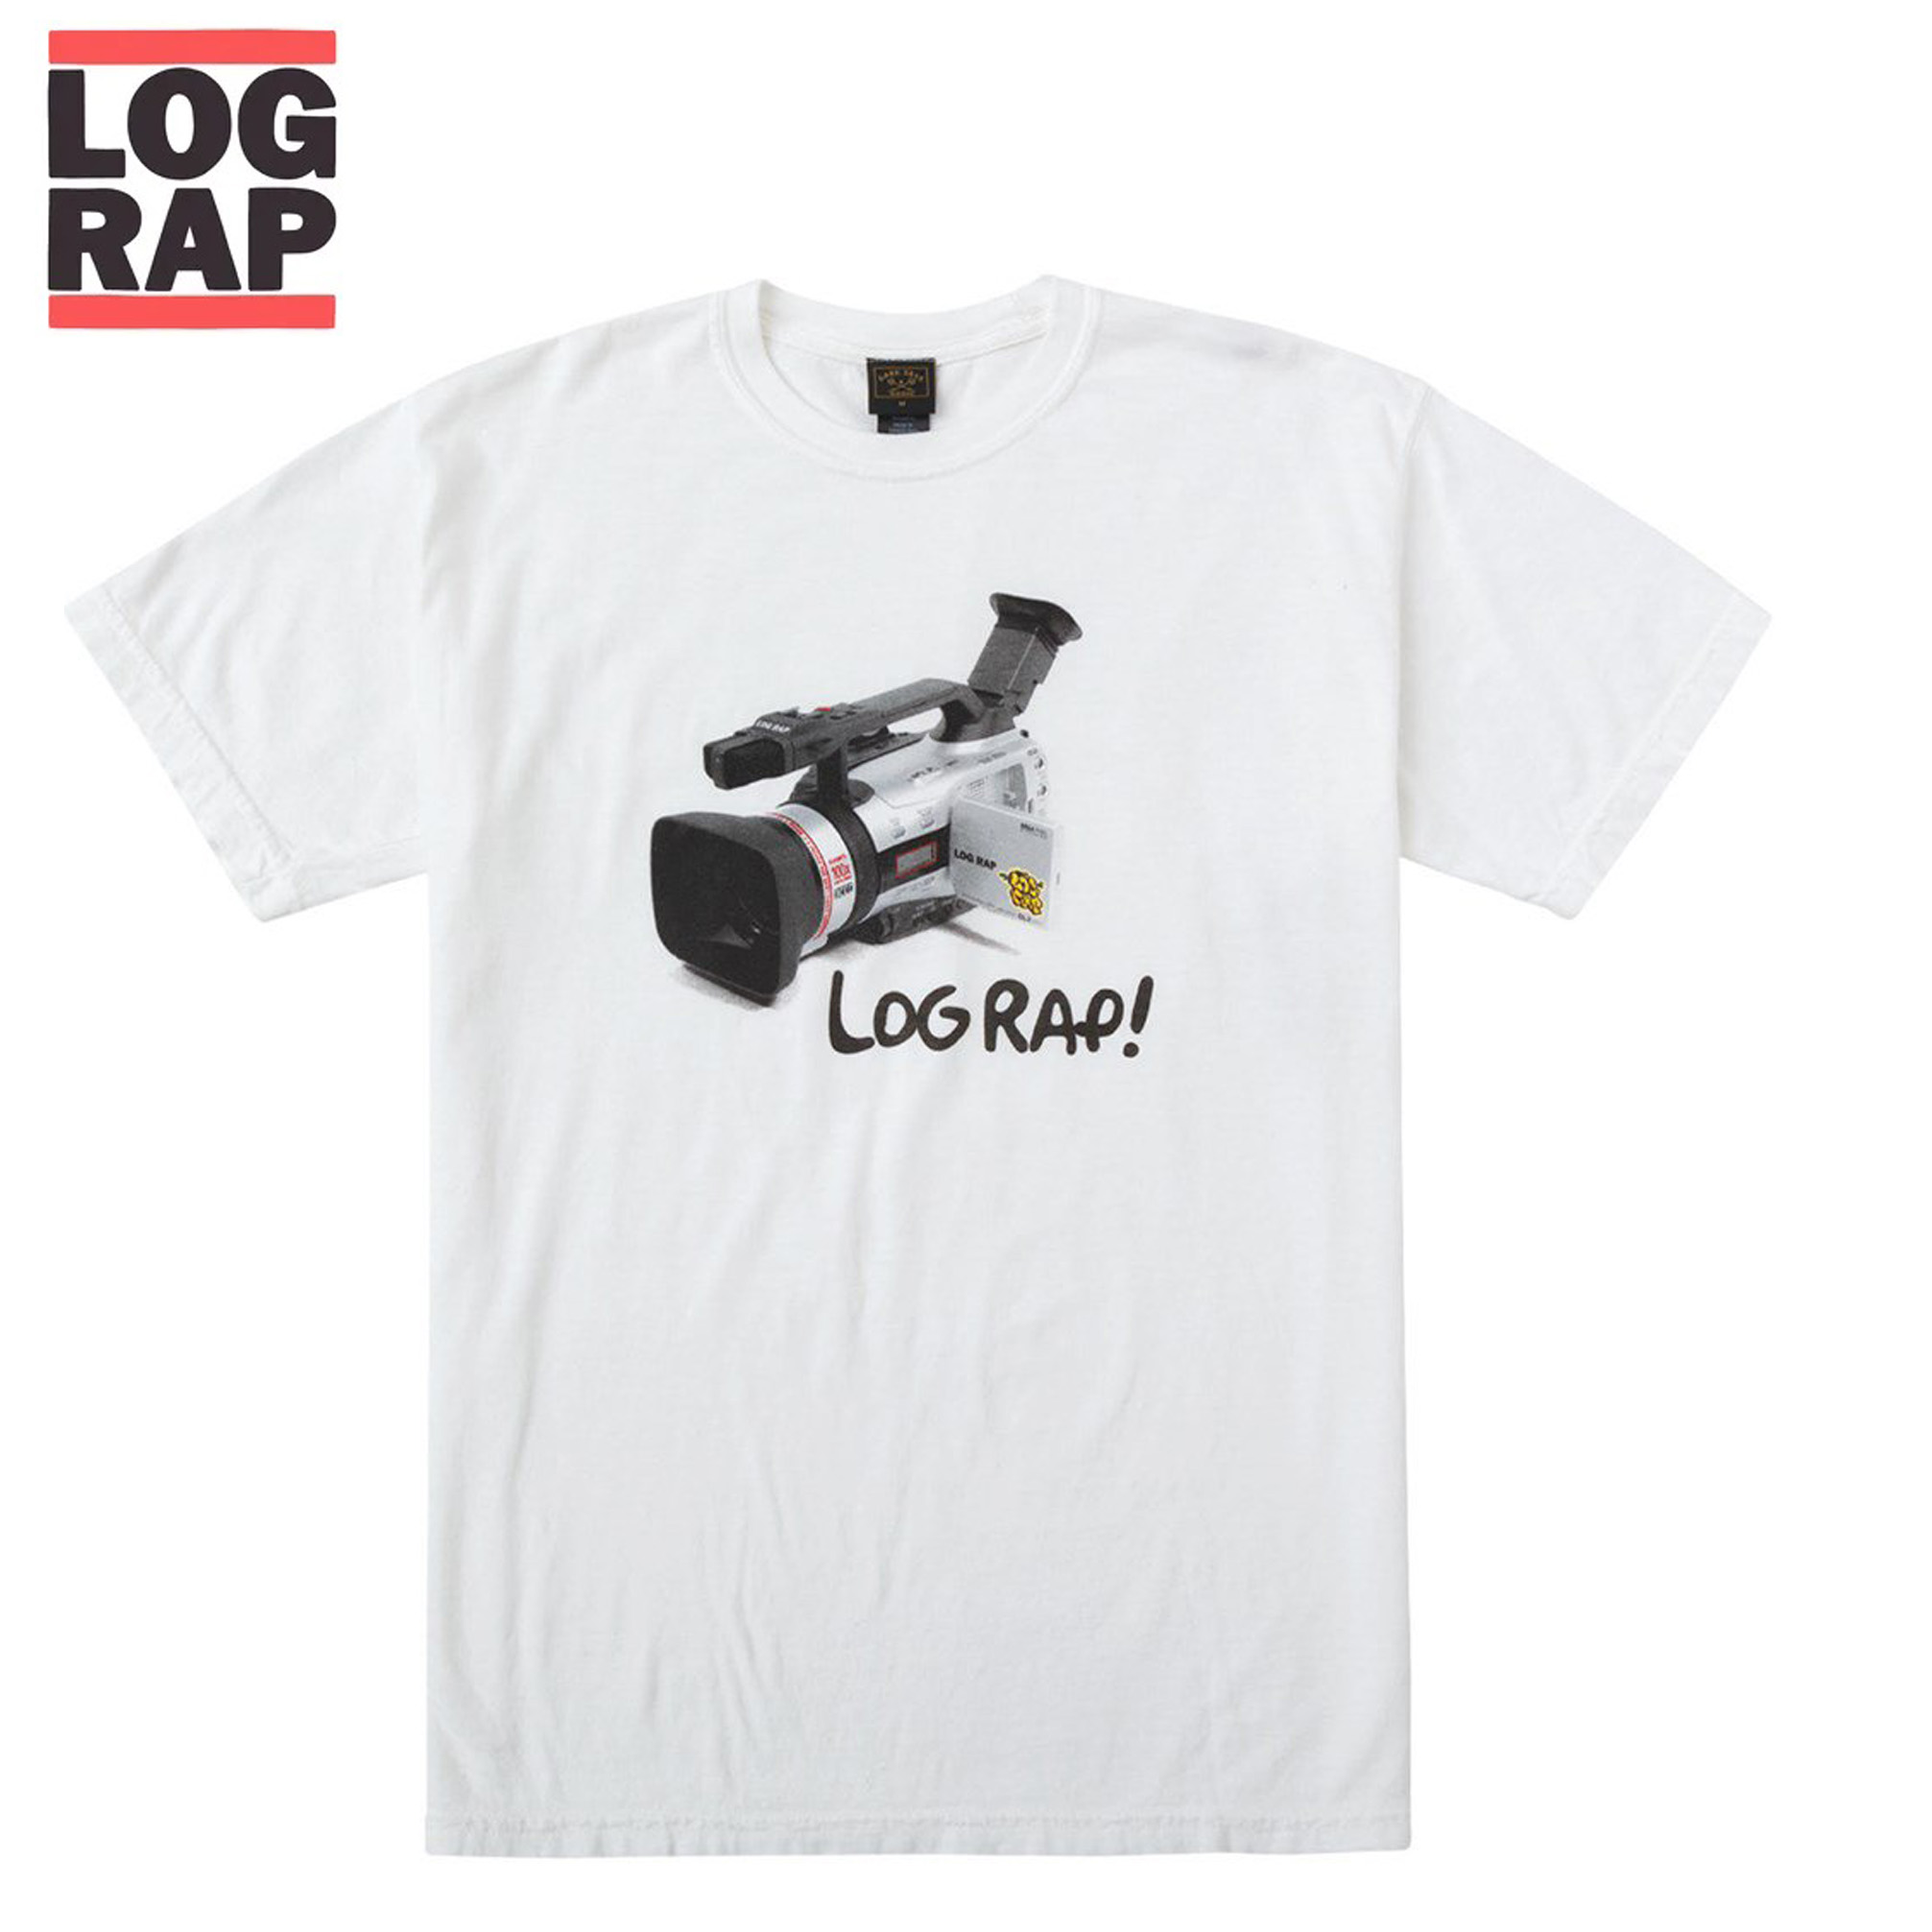 ロングボードとヒップホップを掛け合わせた映像などで話題のLOG RAP LOG ログラップ Tシャツ × DARK SEAS メール便対応商品 半袖Tシャツ Tee MOONSUITS限定商品 輸入 現金特価 サーフボード サーフィン ロングボード White